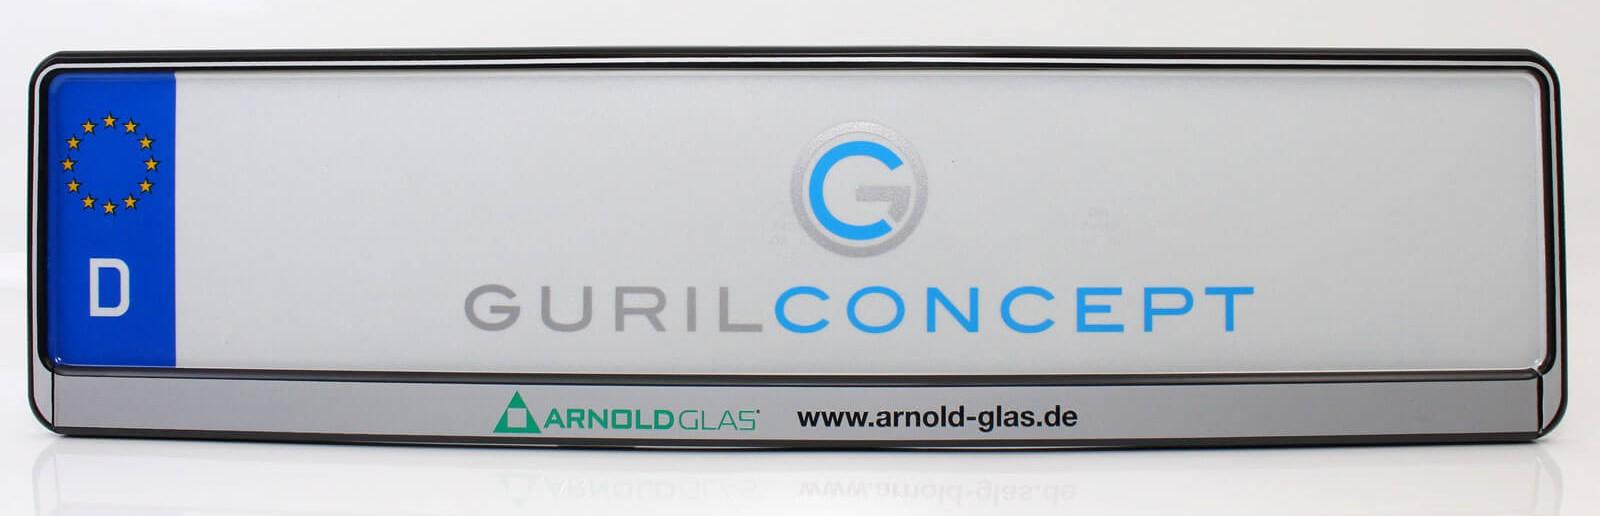 Bedruckte Kennzeichenhalter für Arnold Glas